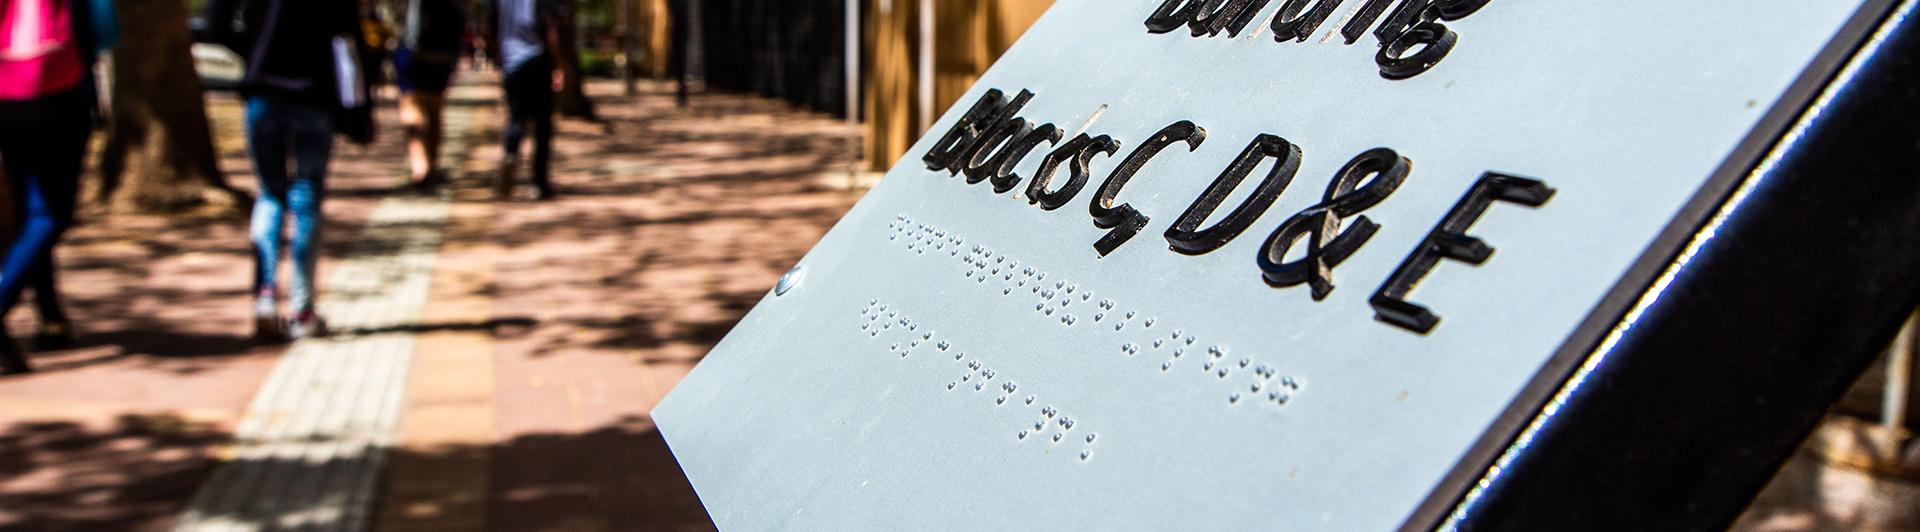 Braille signage on the UFS Bloemfontein Campus